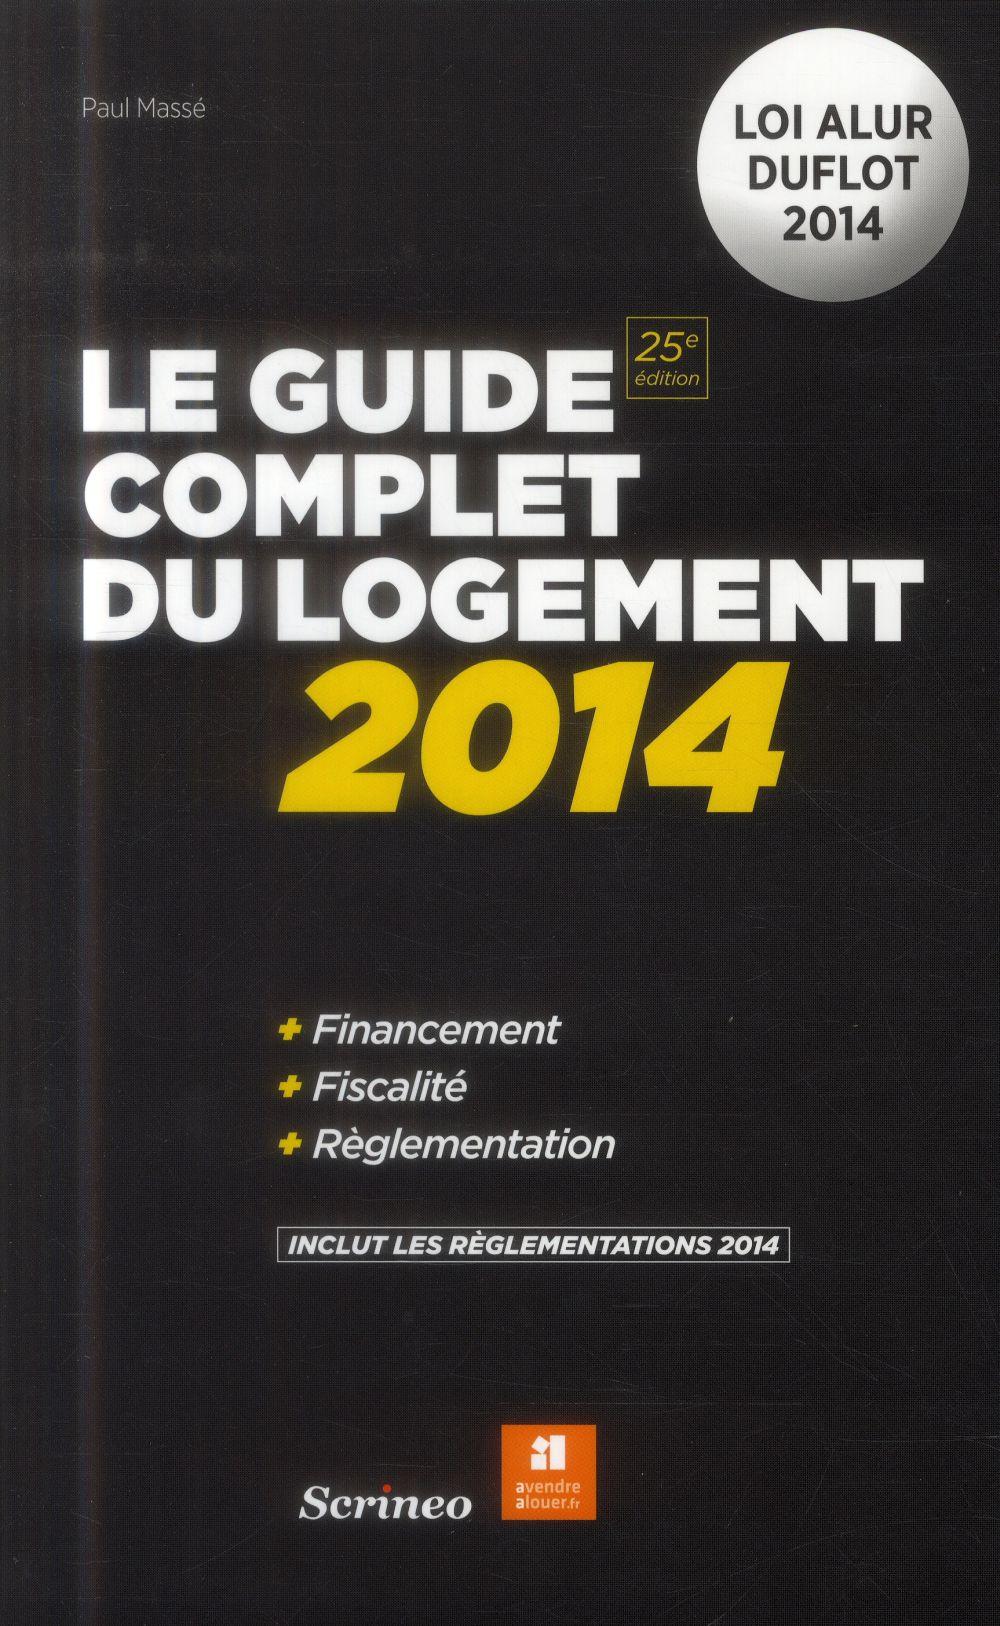 Le guide complet du logement 2014